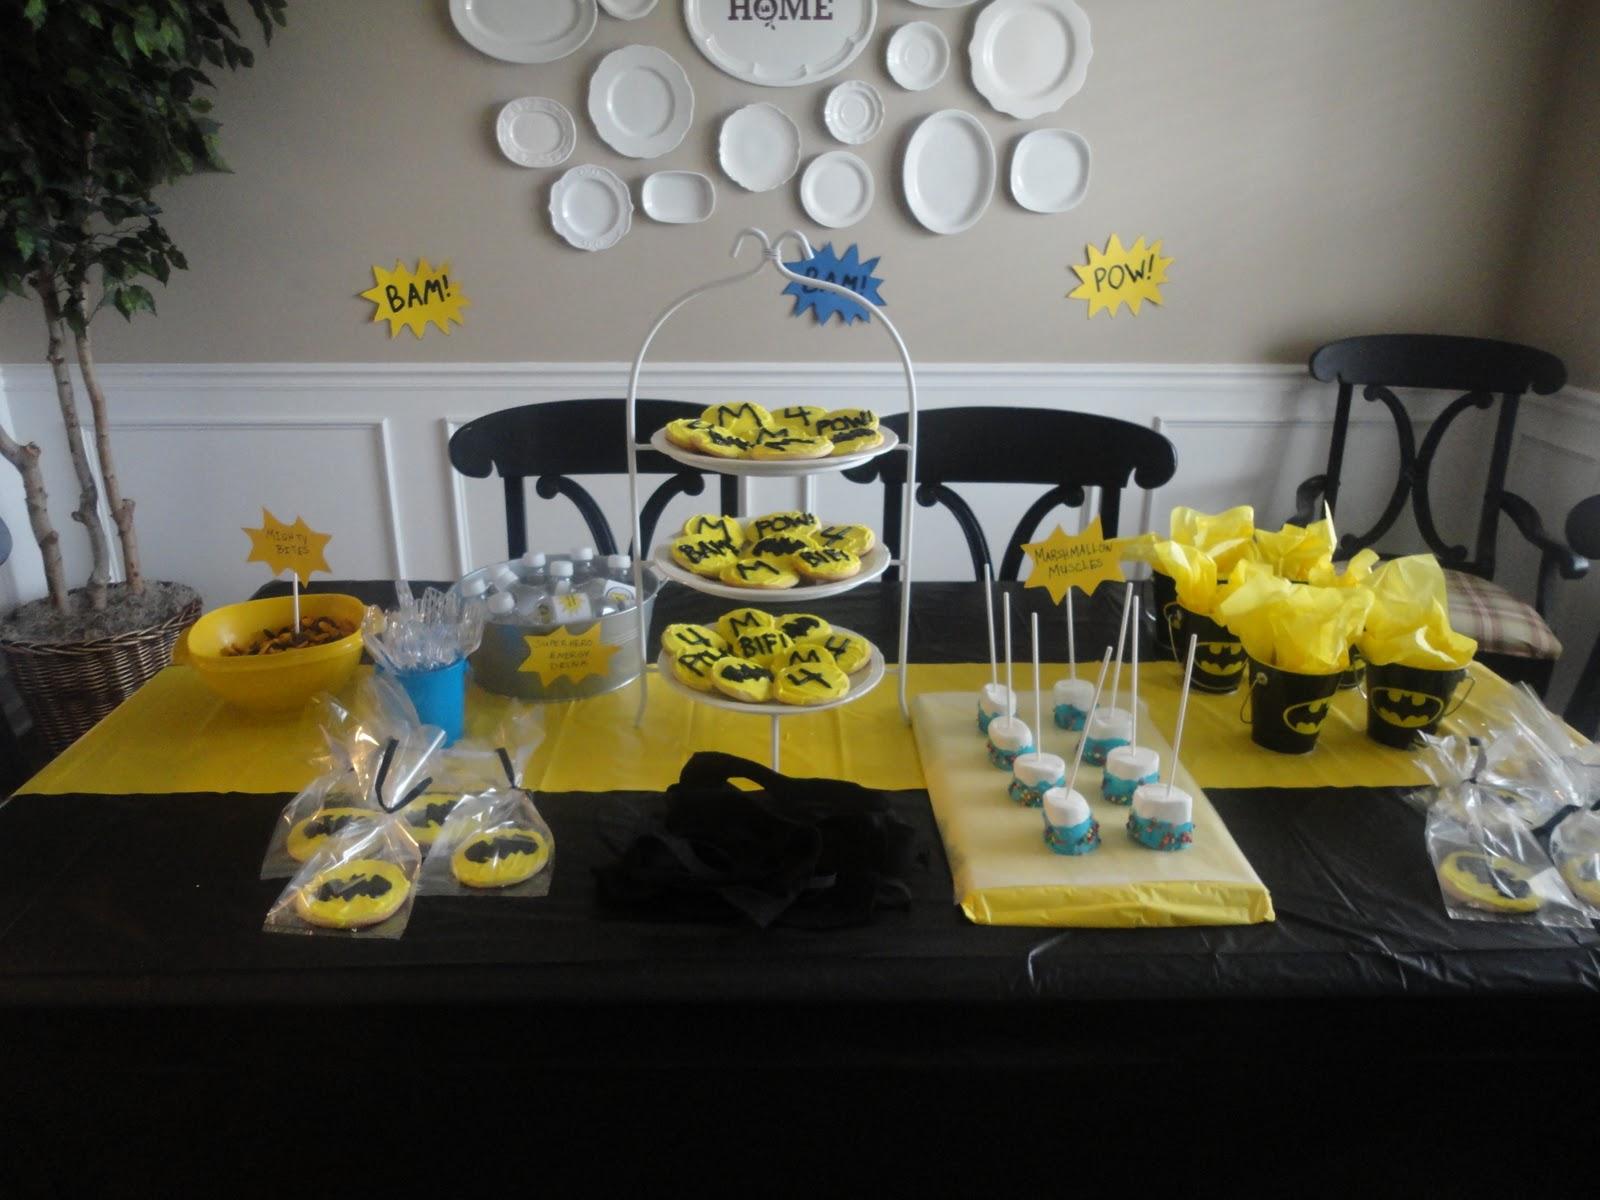 Our Life Batman Party